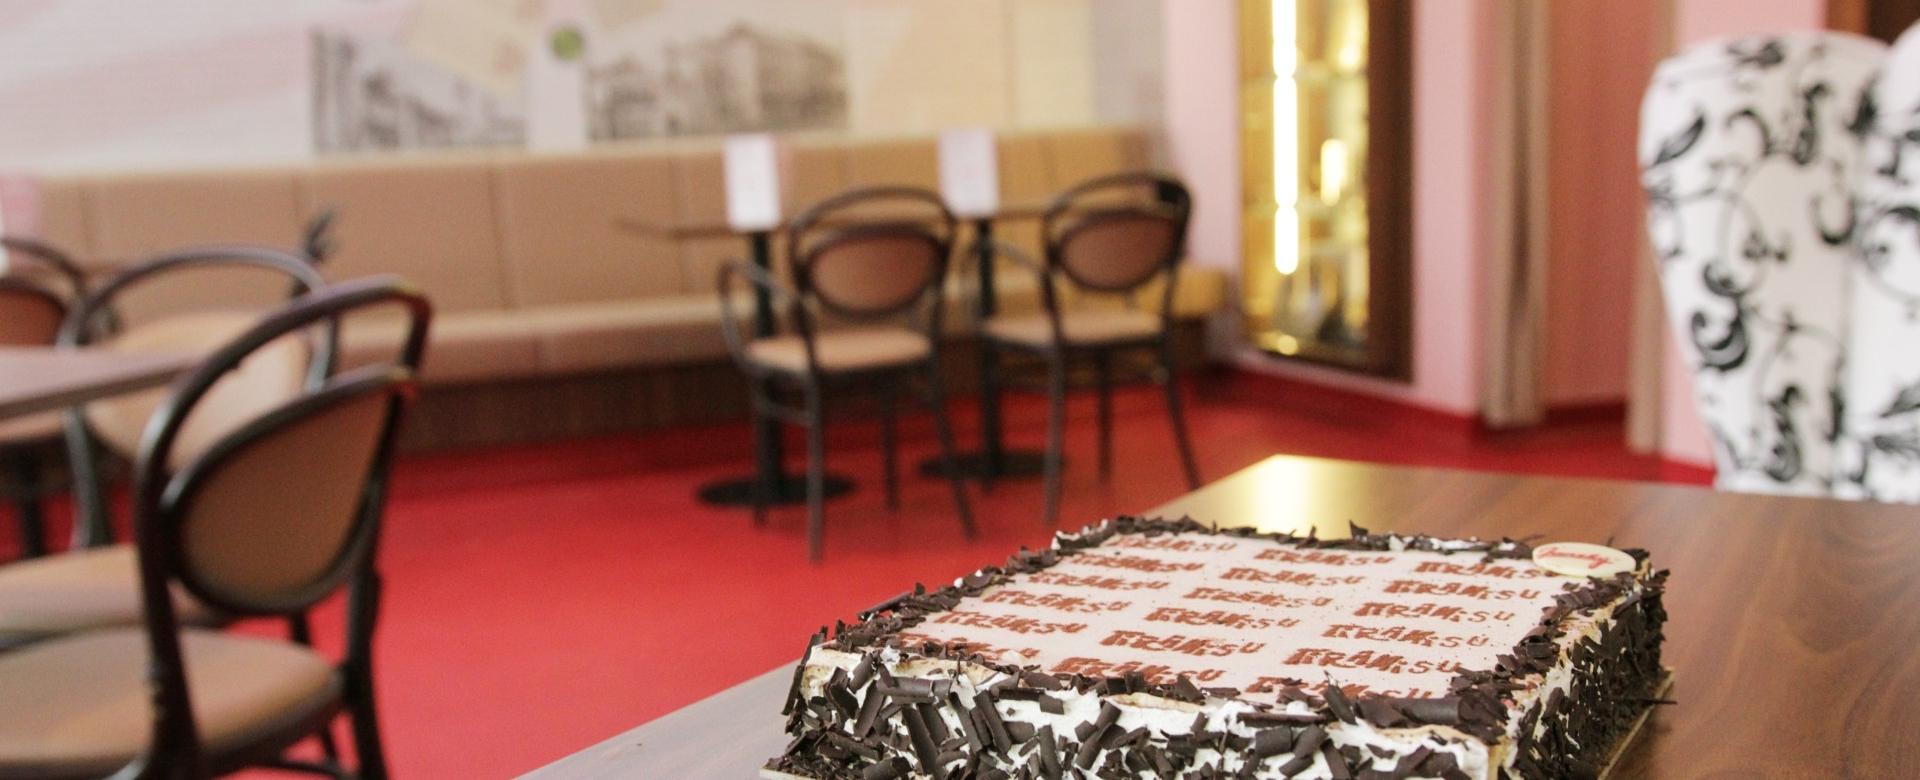 Vlastní výroba dortů a zákusků